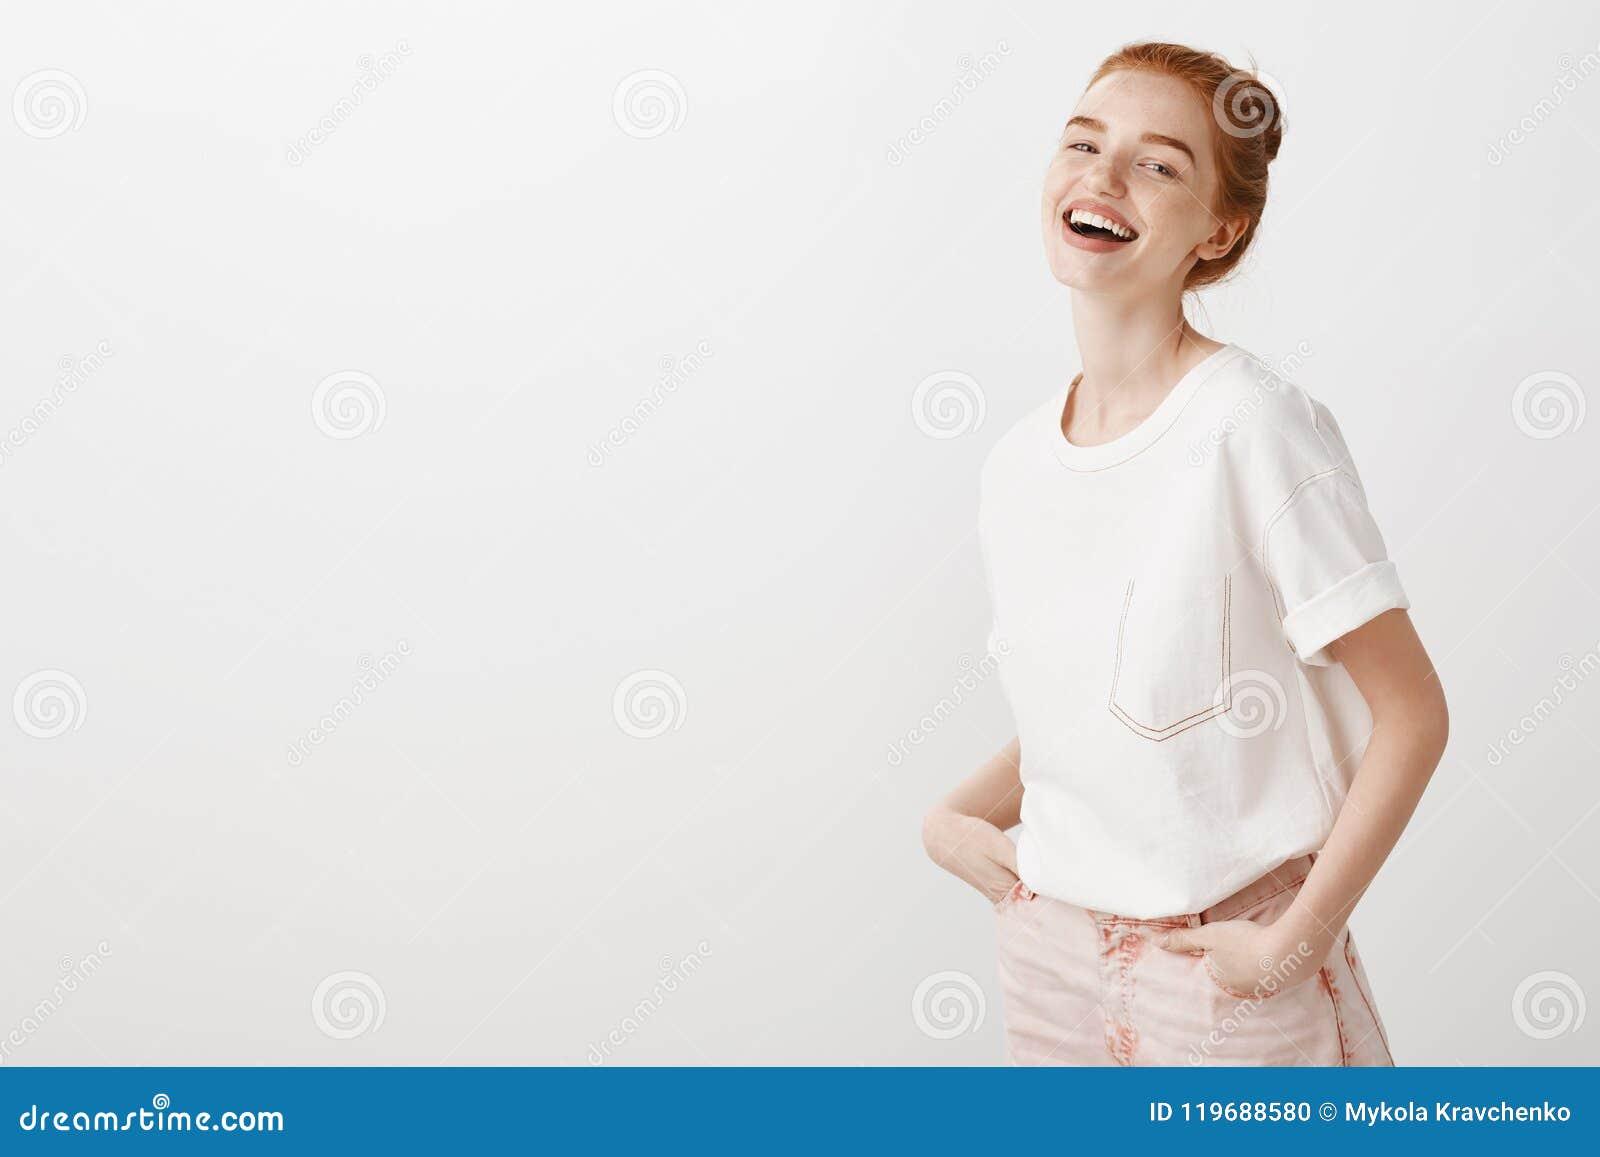 La persona cariñosa hace siempre que ríe Muchacha elegante del jengibre en vaqueros de moda y la camiseta blanca, llevando a cabo